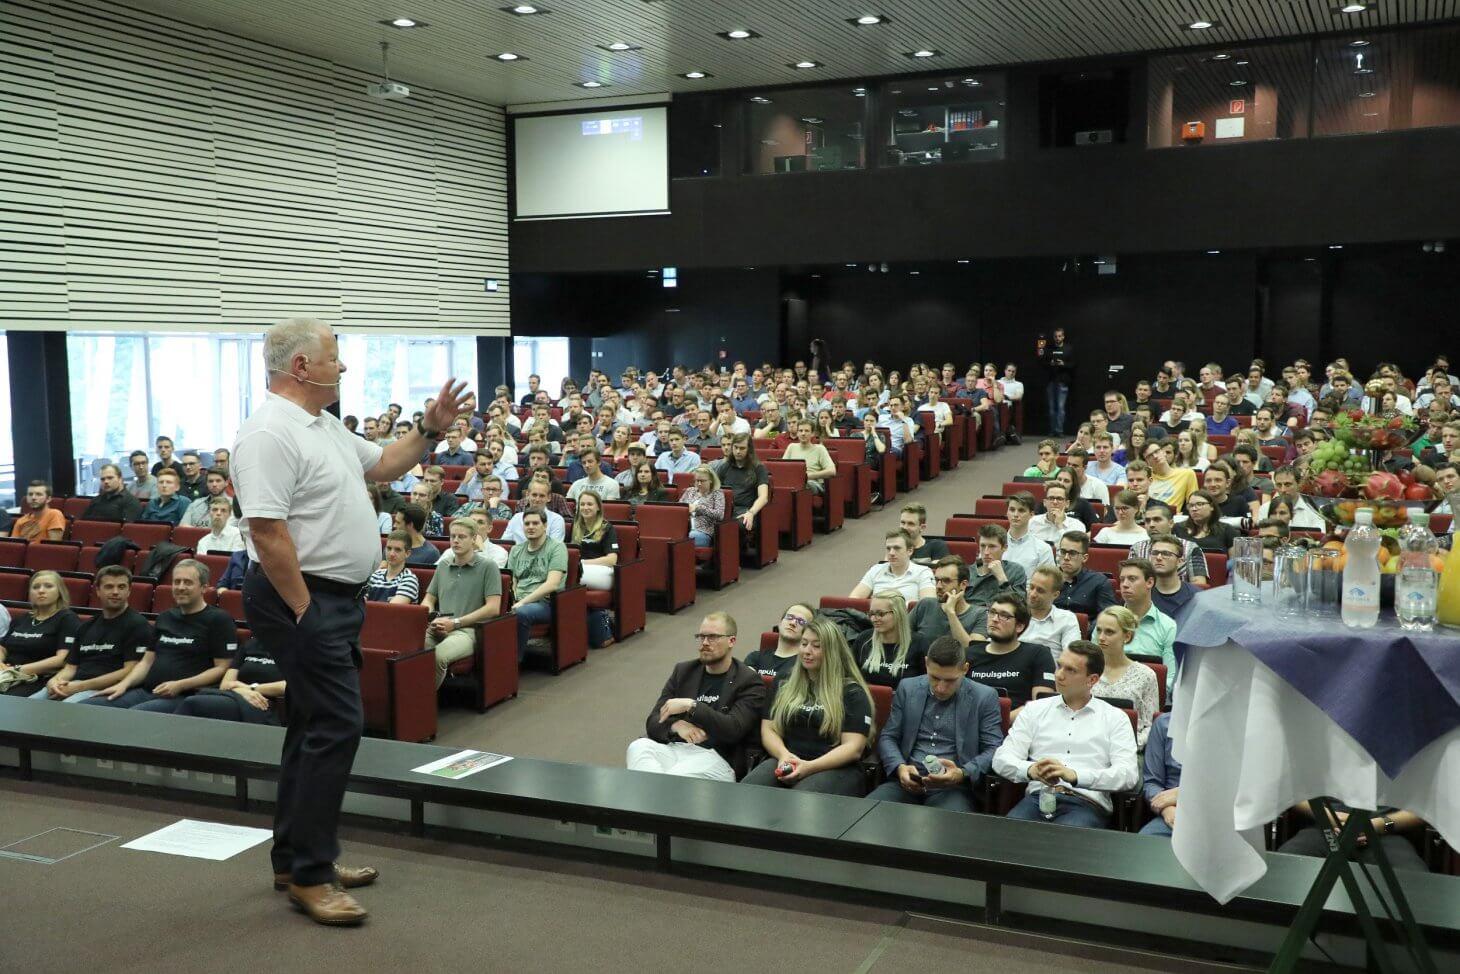 #voestalpinetalks: Wertvolle Impulse für mehr als 400 Studierende der Montanuniversität Leoben